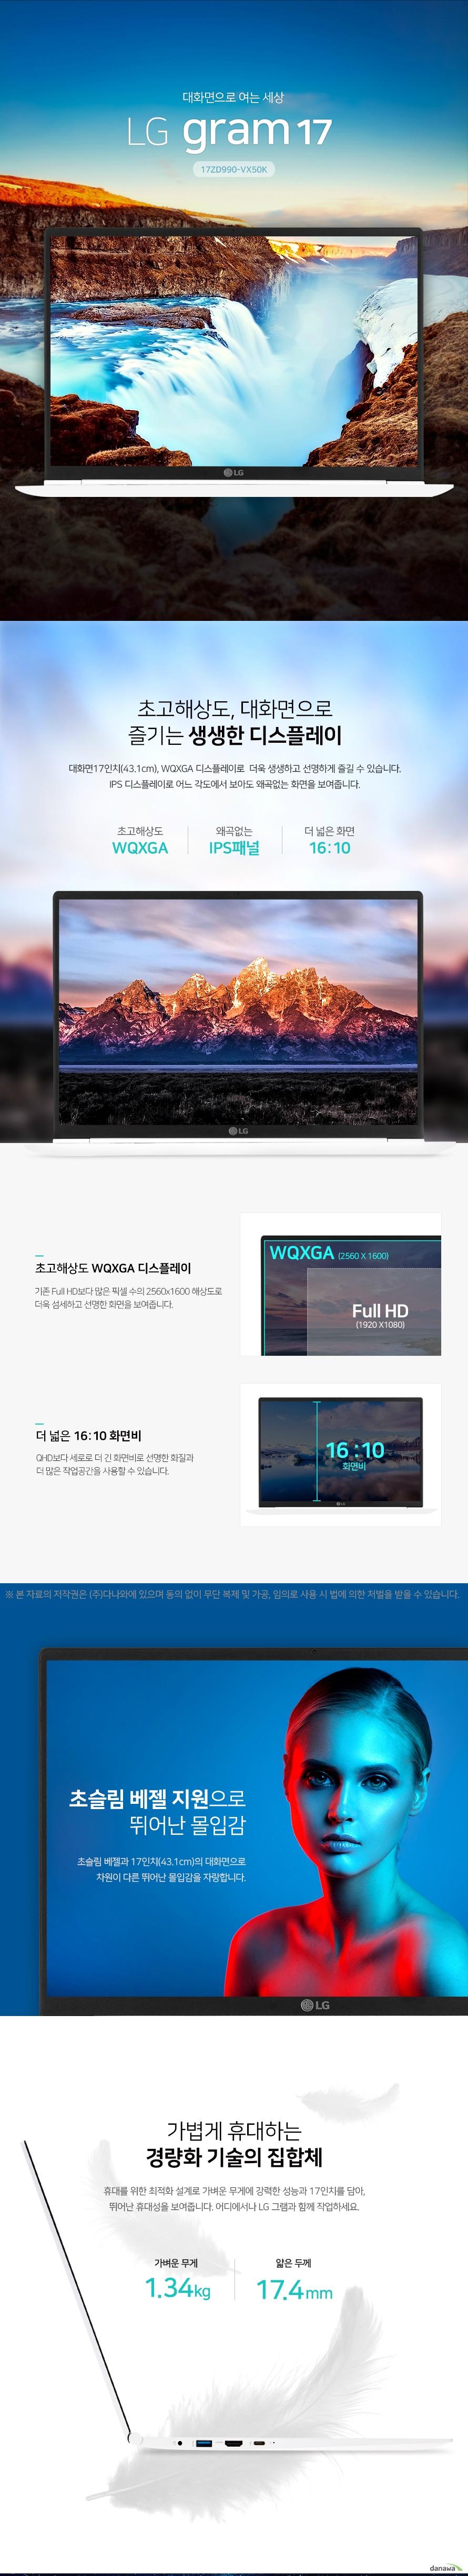 대화면으로 여는 세상 lg gram 17 초고해상도, 대화면으로  즐기는 생생한 디스플레이 대화면17인치(43.1cm), WQXGA 디스플레이로  더욱 생생하고 선명하게 즐길 수 있습니다. IPS 디스플레이로 어느 각도에서 보아도 왜곡없는 화면을 보여줍니다. 초고해상도 WQXGA 디스플레이 기존 Full HD보다 많은 픽셀 수의 2560x1600 해상도로  더욱 섬세하고 선명한 화면을 보여줍니다. 더 넓은 16:10 화면비  QHD보다 세로로 더 긴 화면비로 선명한 화질과 더 많은 작업공간을 사용할 수 있습니다. 초슬림 베젤 지원으로 뛰어난 몰입감 초슬림 베젤과 17인치(43.1cm)의 대화면으로 차원이 다른 뛰어난 몰입감을 자랑합니다. 가볍게 휴대하는 경량화 기술의 집합체 휴대를 위한 최적화 설계로 가벼운 무게에 강력한 성능과 17인치를 담아, 뛰어난 휴대성을 보여줍니다. 어디에서나 LG 그램과 함께 작업하세요. 하루종일 자유로운 All Day 배터리 가벼운 무게에 비해 배터리는 넉넉한 72Wh 올데이 배터리로 하루종일 걱정없이 자유롭게 사용할 수 있습니다.  양방향 부스터 충전 기능 9V 2A 고속충전 회로가 탑재되어 있어, 양방향으로 충전할 수 있어  편리합니다. 향상된 보안환경 원터치 지문인식 원터치 지문인식 파워버튼을 누르면 부팅과 로그인을 동시에 할 수 있으며, 기존의 암호화 방식의 보안보다, 편리하고 안전하게 로그인을 할 수 있습니다. 강력한 퍼포먼스 인텔  8세대 CPU 장착 빠르고 안정적인 퍼포먼스의 인텔 8세대 프로세서 탑재로 이전 세대 대비 한층 더 향상된 생산성과 전력 효율로  쾌적한 사용환경을 제공합니다. 듀얼 슬롯 업그레이드 SSD / RAM 기본으로 장착된 SSD와 RAM에 넉넉한 용량을 위한 초정밀 듀얼 슬롯 설계로 언제든지 업그레이드가 가능합니다. 하나의 포트로 통일 Thunderbolt 3 하나의 포트로 데이터 전송, 영상 출력, 충전까지 가능한  썬더볼트 3 탑재로, 더욱 편리하게 사용할 수 있습니다. 생생한 입체 사운드 DTS Headphone X 11.1채널 서라운드 사운드 DTS Headphone X로 더 많은 멀티미디어를 즐겨 보세요.   선명하고 웅장한 사운드 감상, 깨짐 없는 깨끗한 볼륨 조절이 가능합니다.